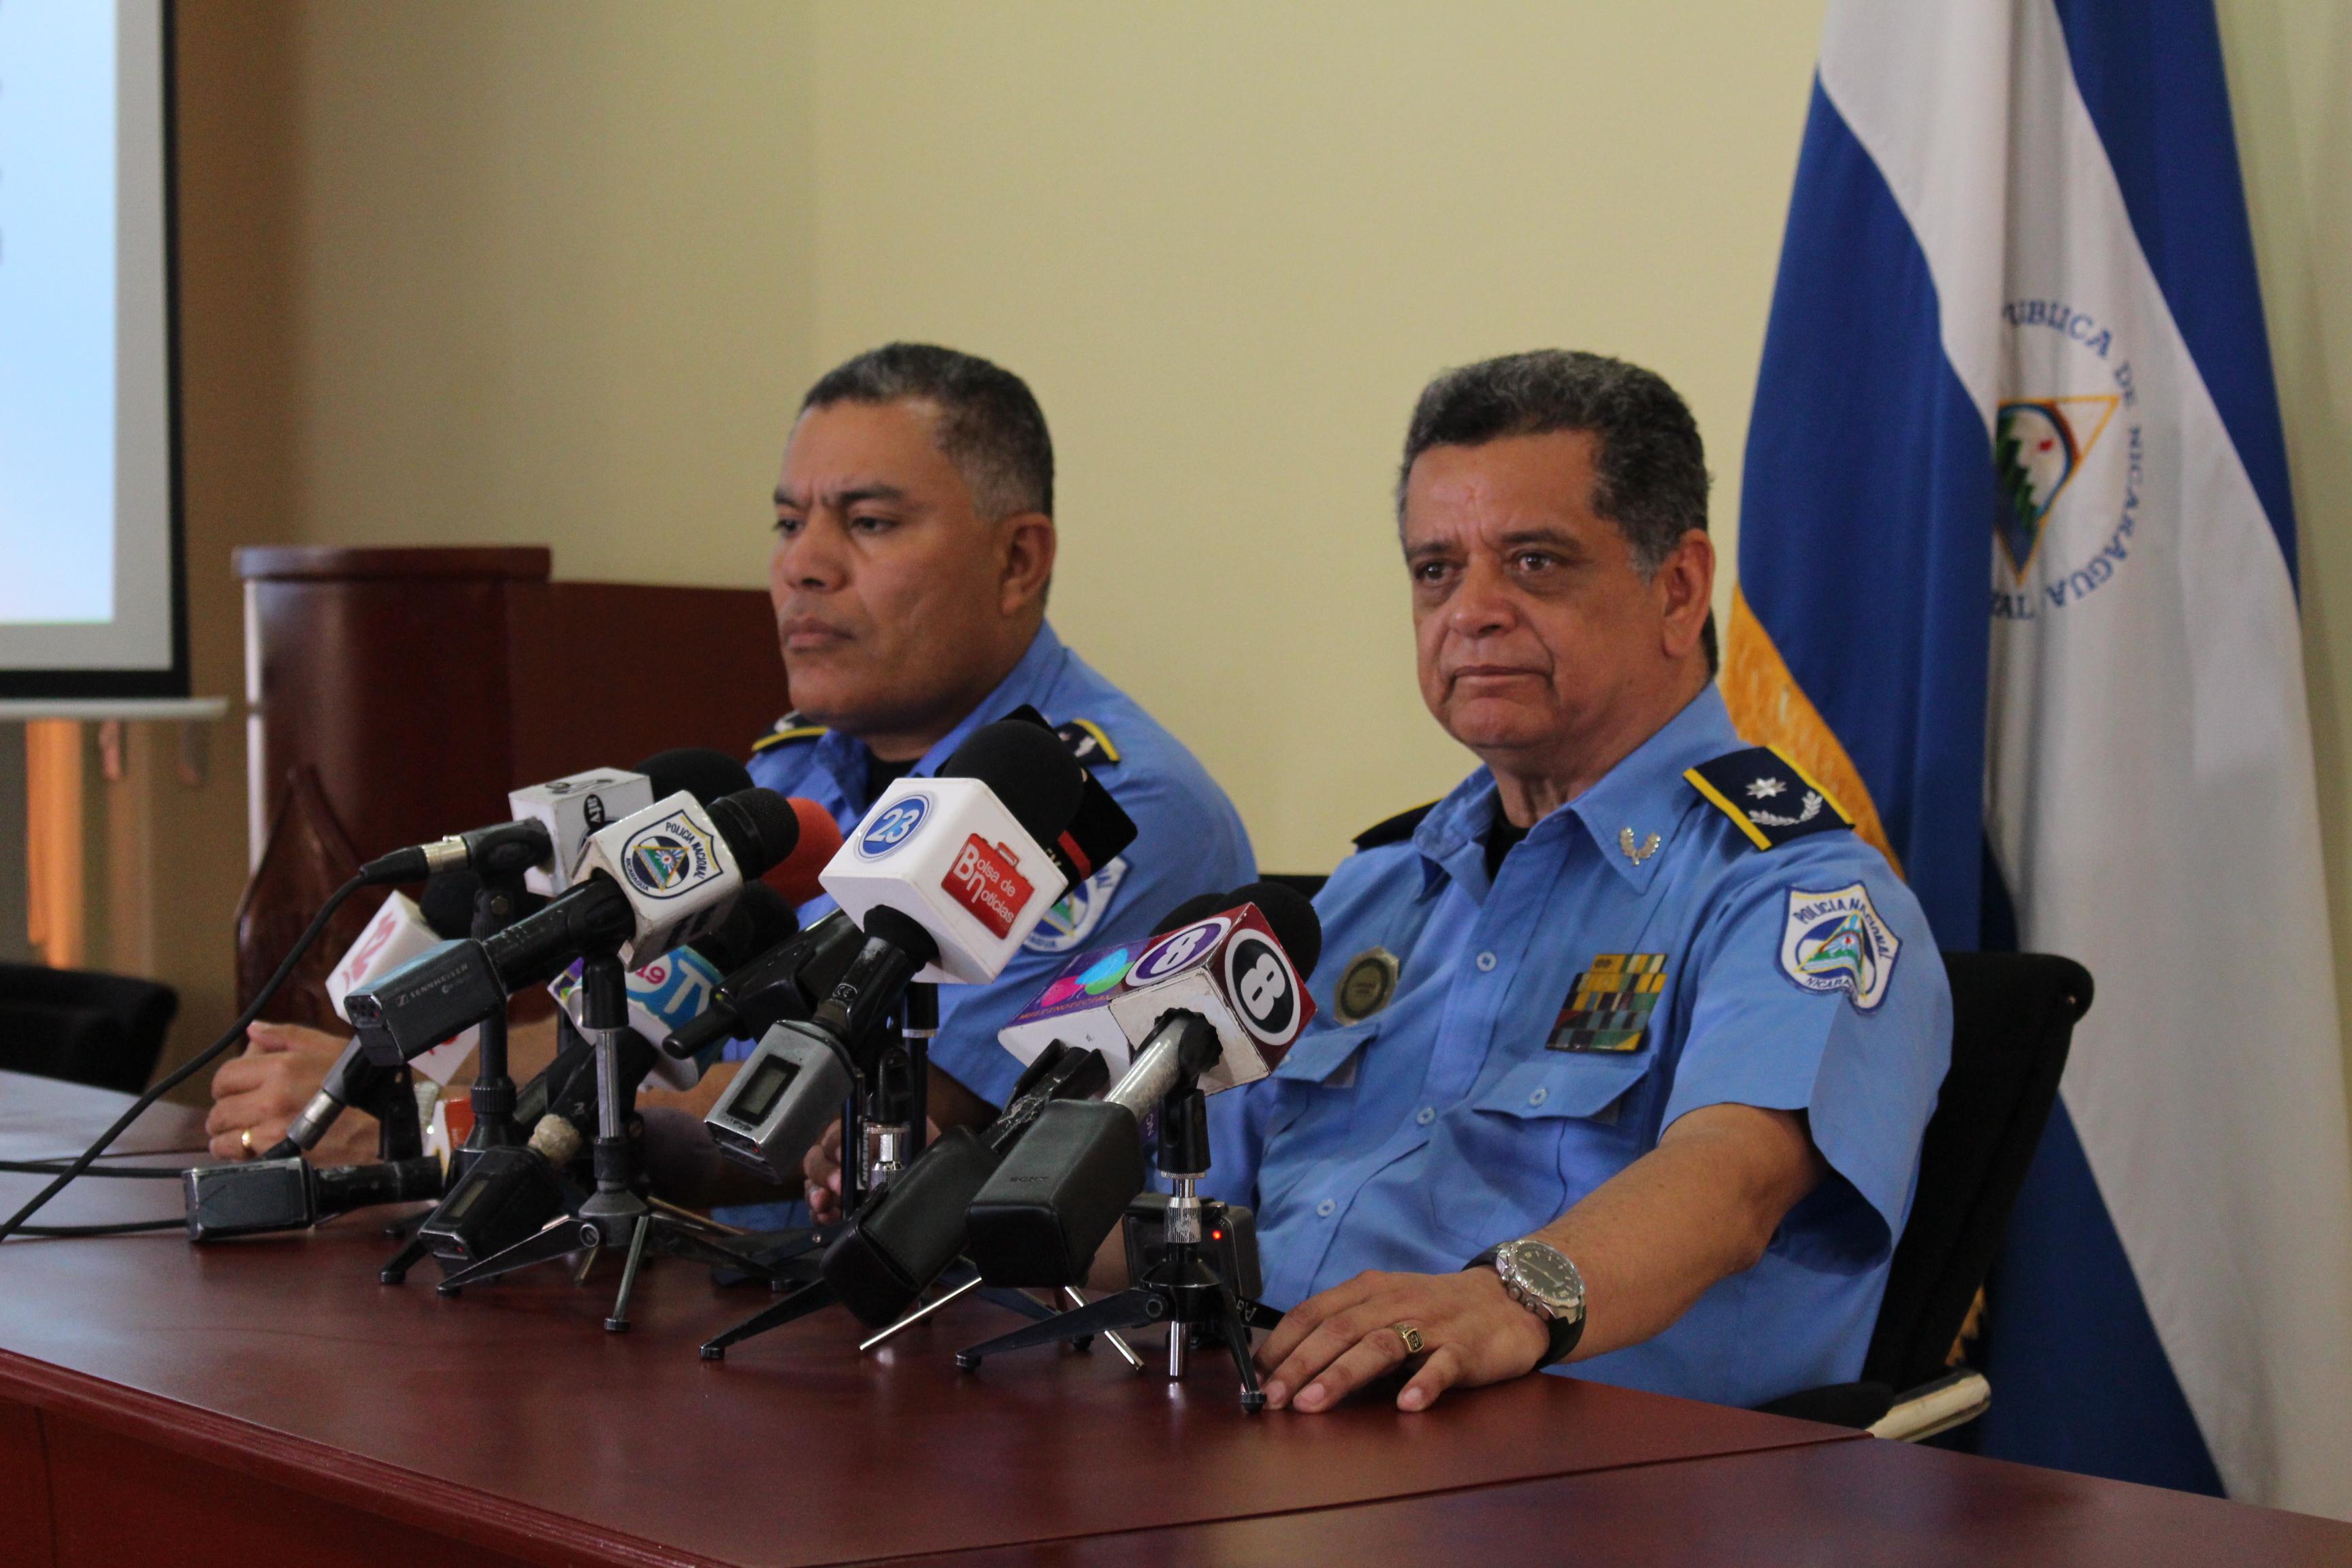 El comisionado general Francisco Díaz, sub director de la Policía Nacional. Fotografía: Abixael MG/Artículo66